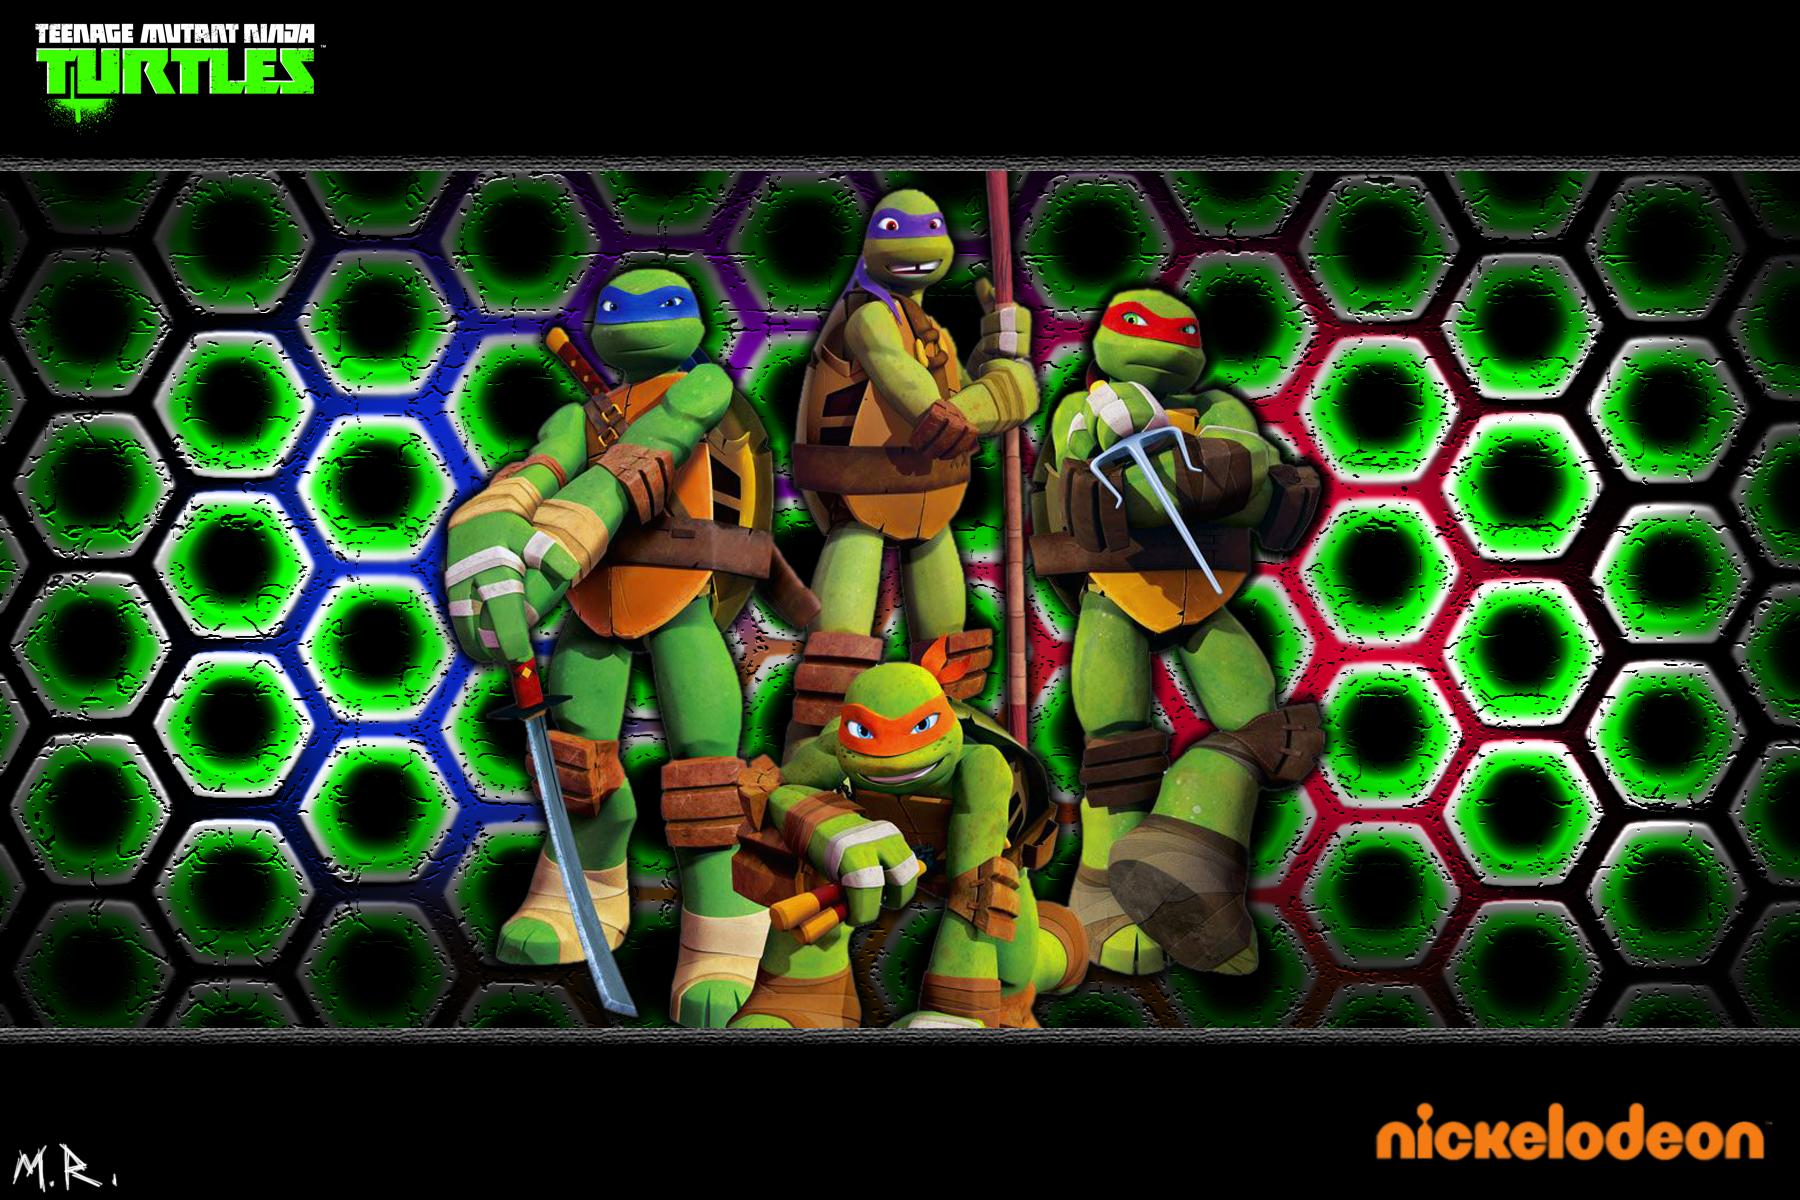 Ninja Turtles Wallpaper For Bedrooms Wallpapersafari